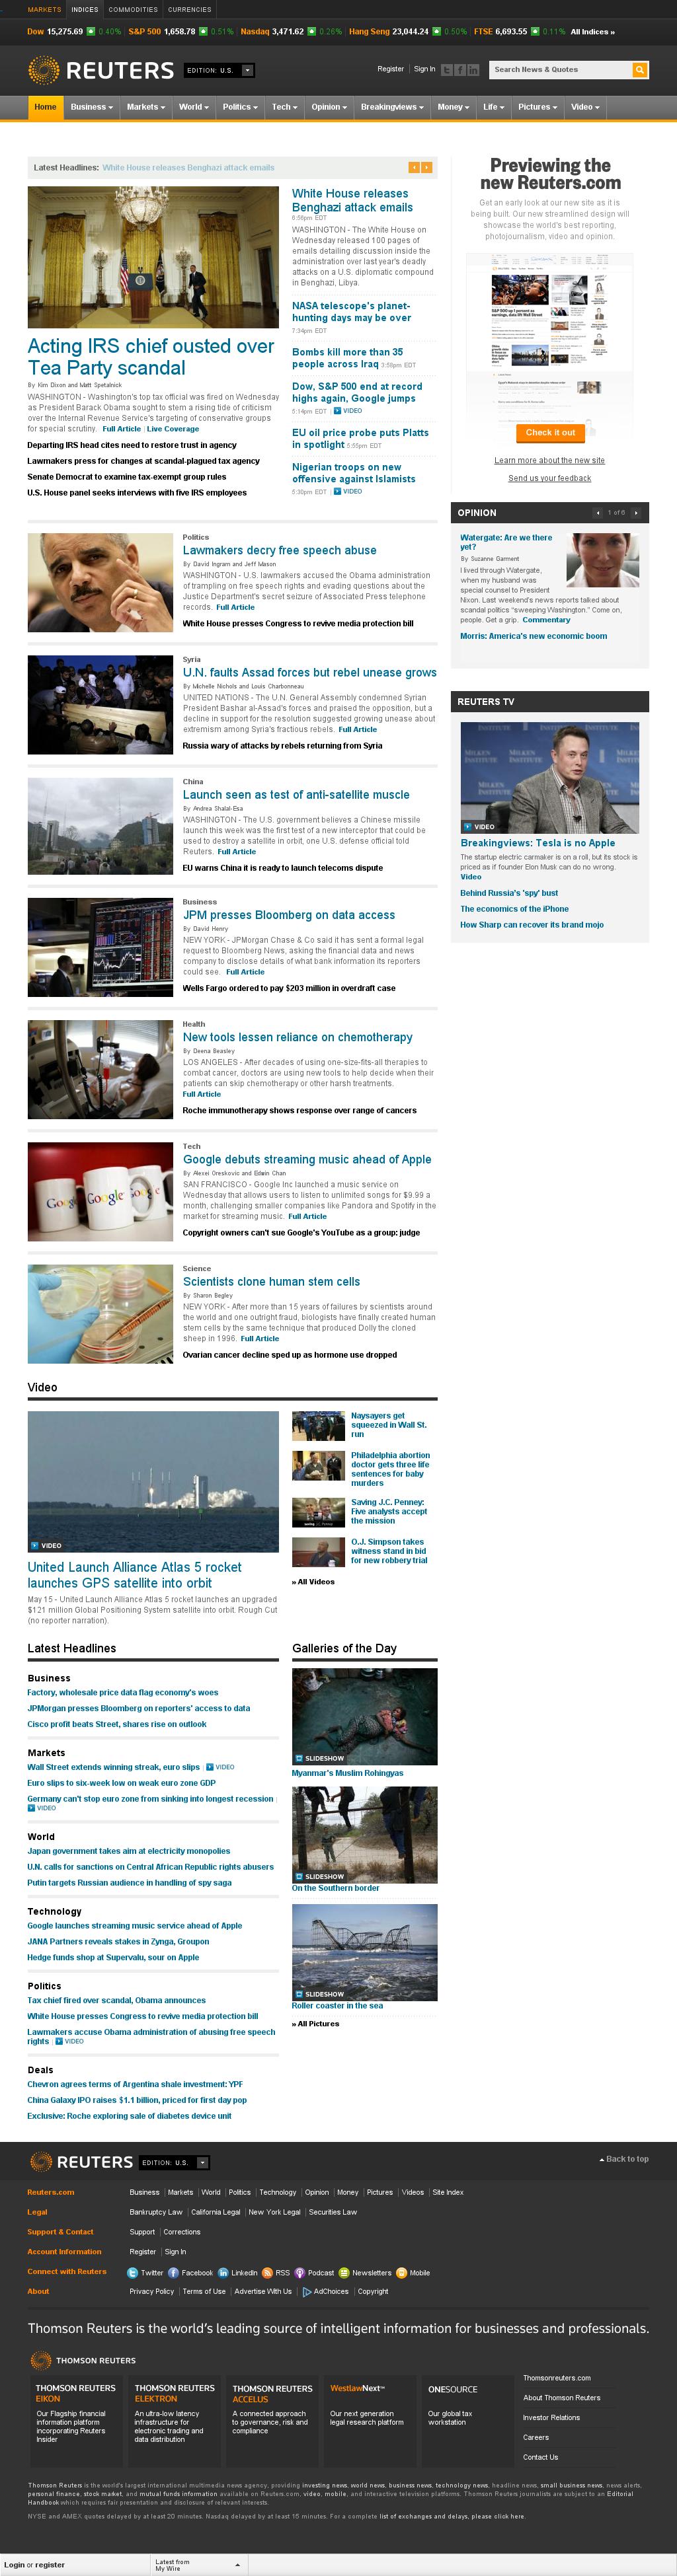 Reuters at Thursday May 16, 2013, 12:23 a.m. UTC